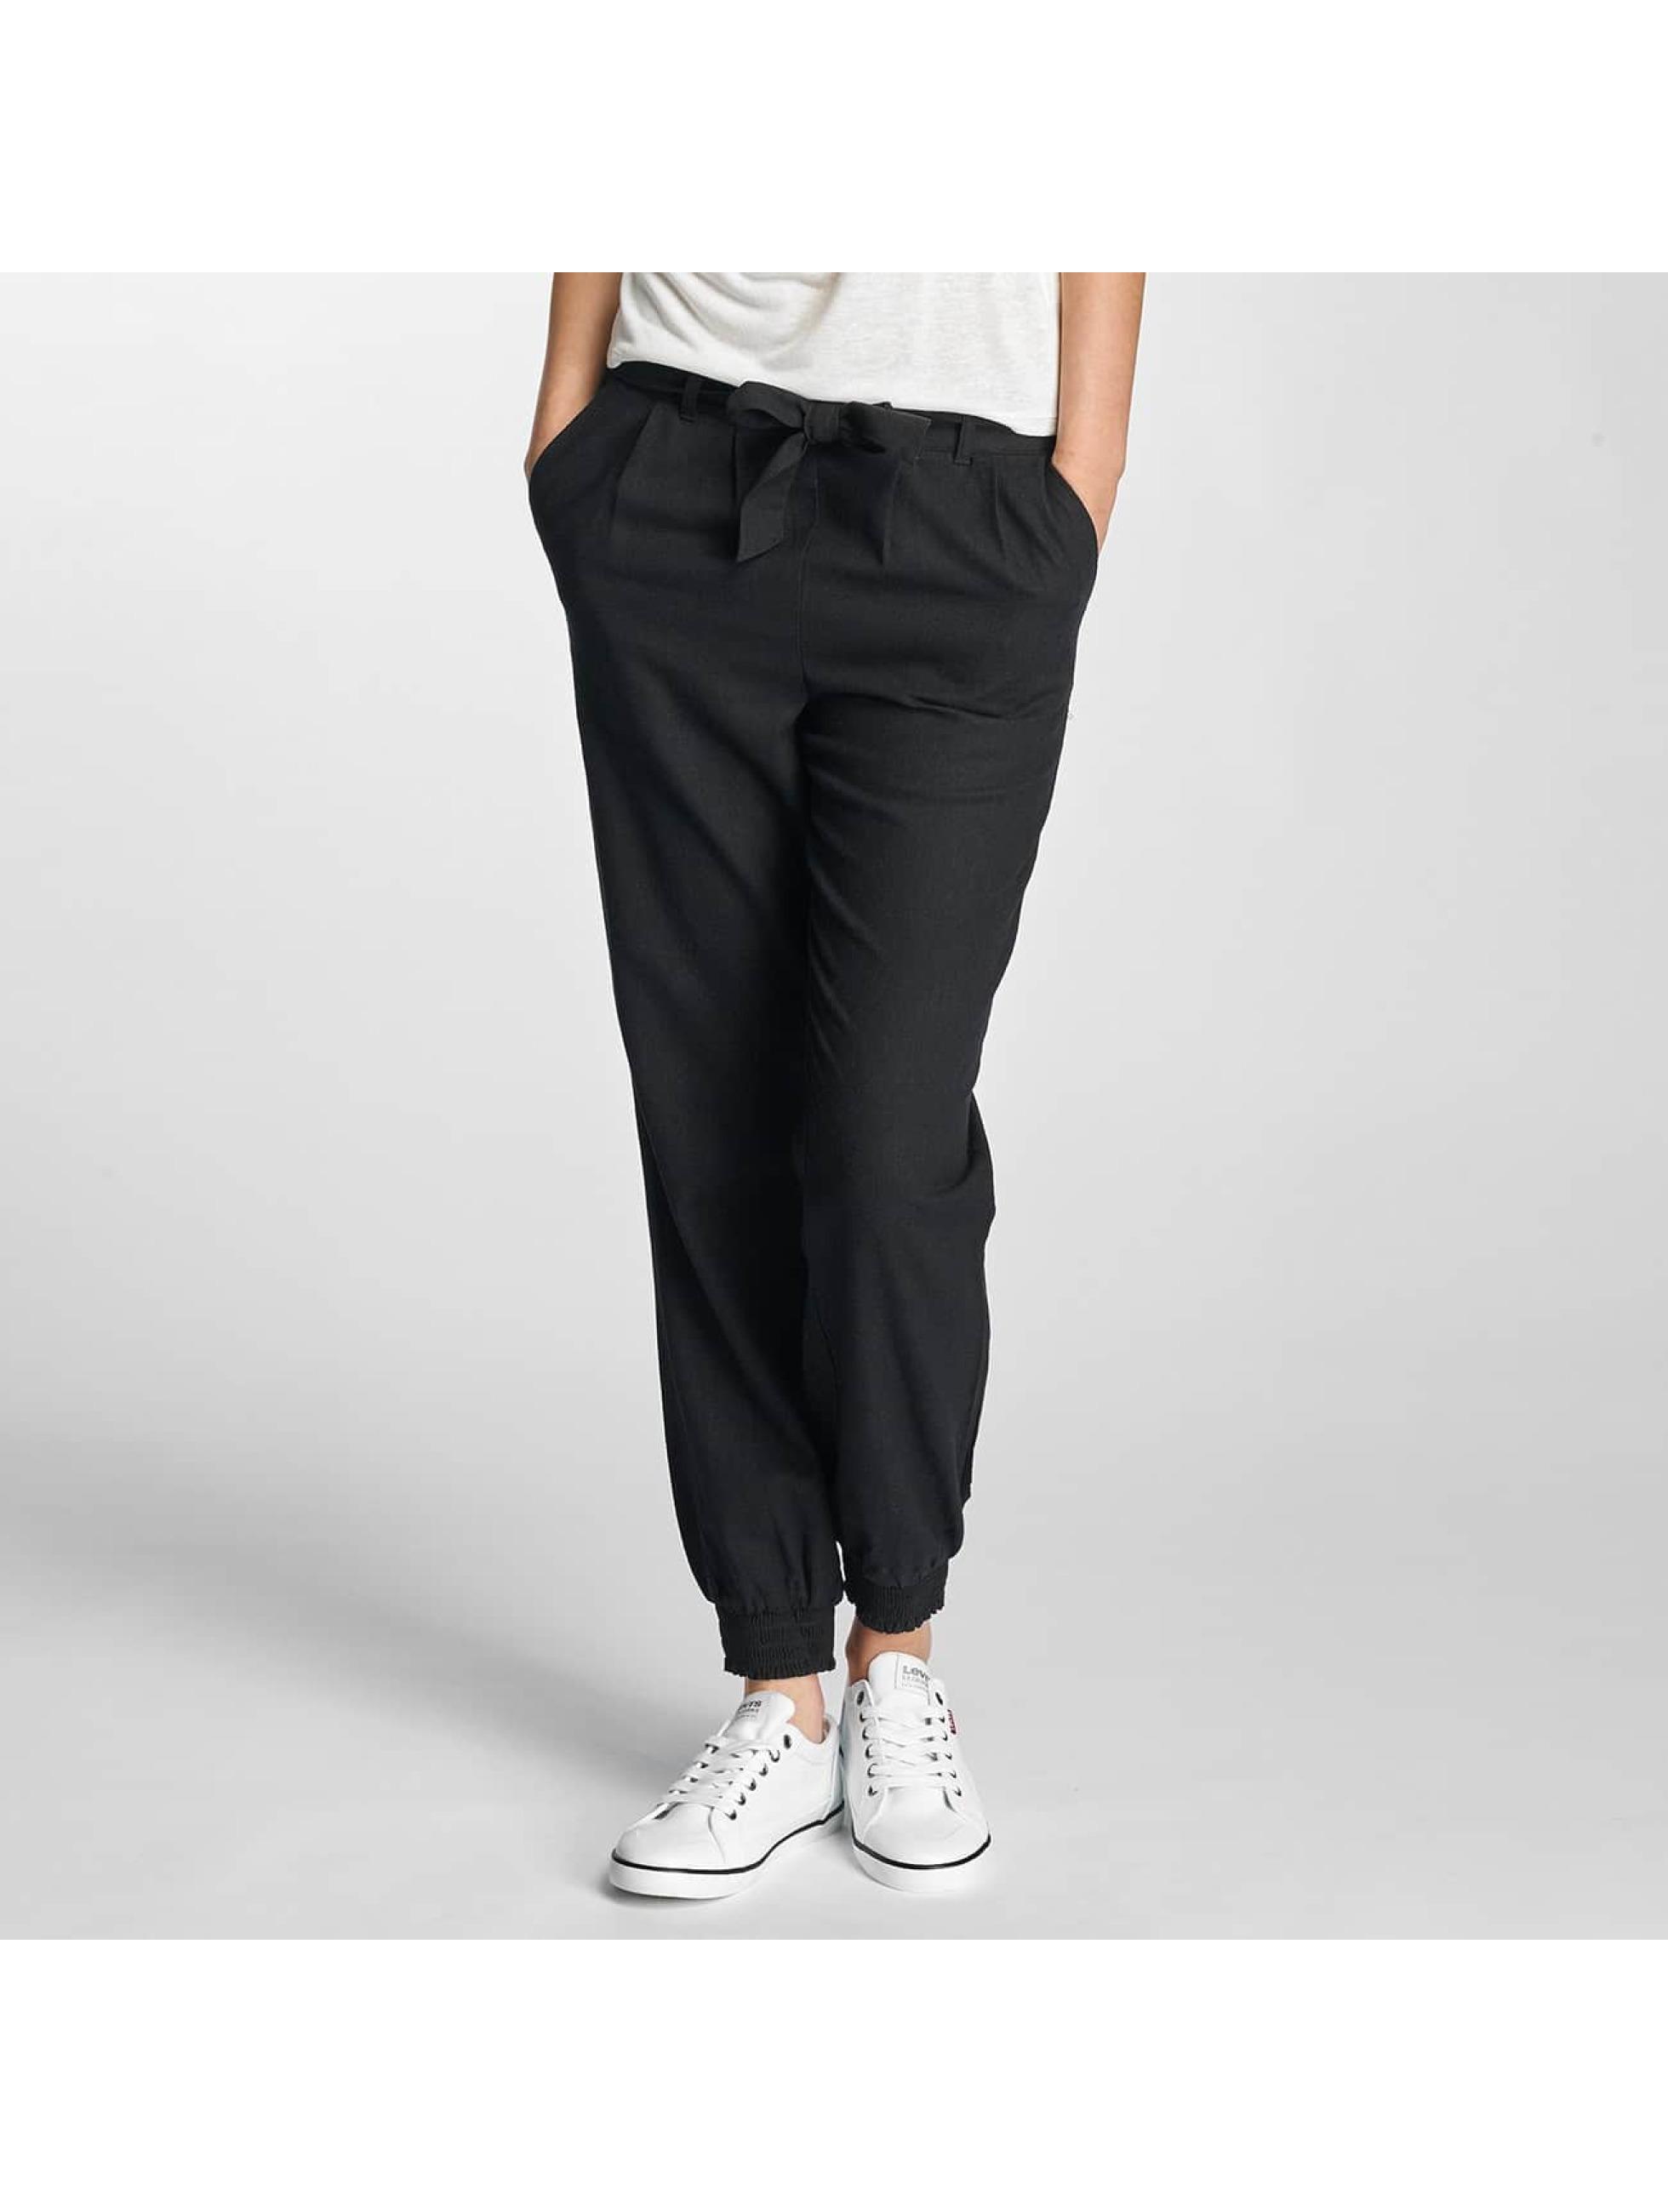 Vero Moda Chino pants VMMilo-Citrus black